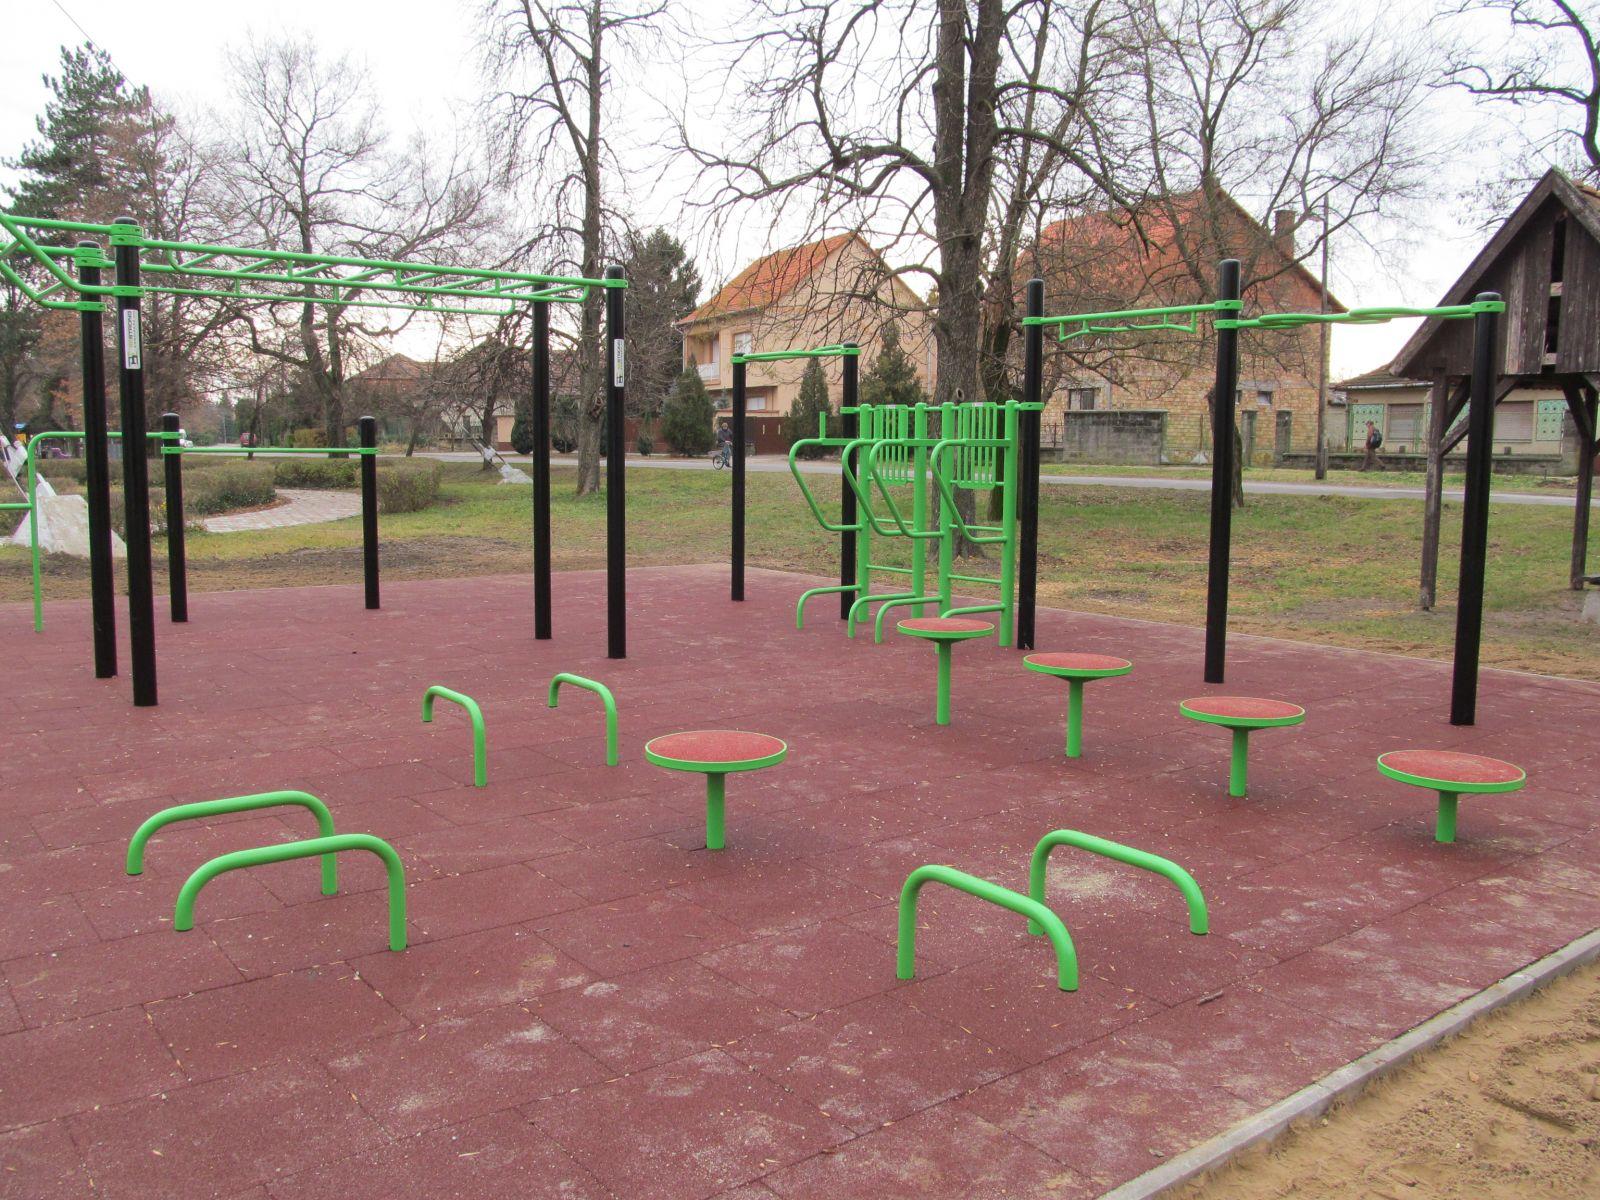 Sportparkkal bővül a város